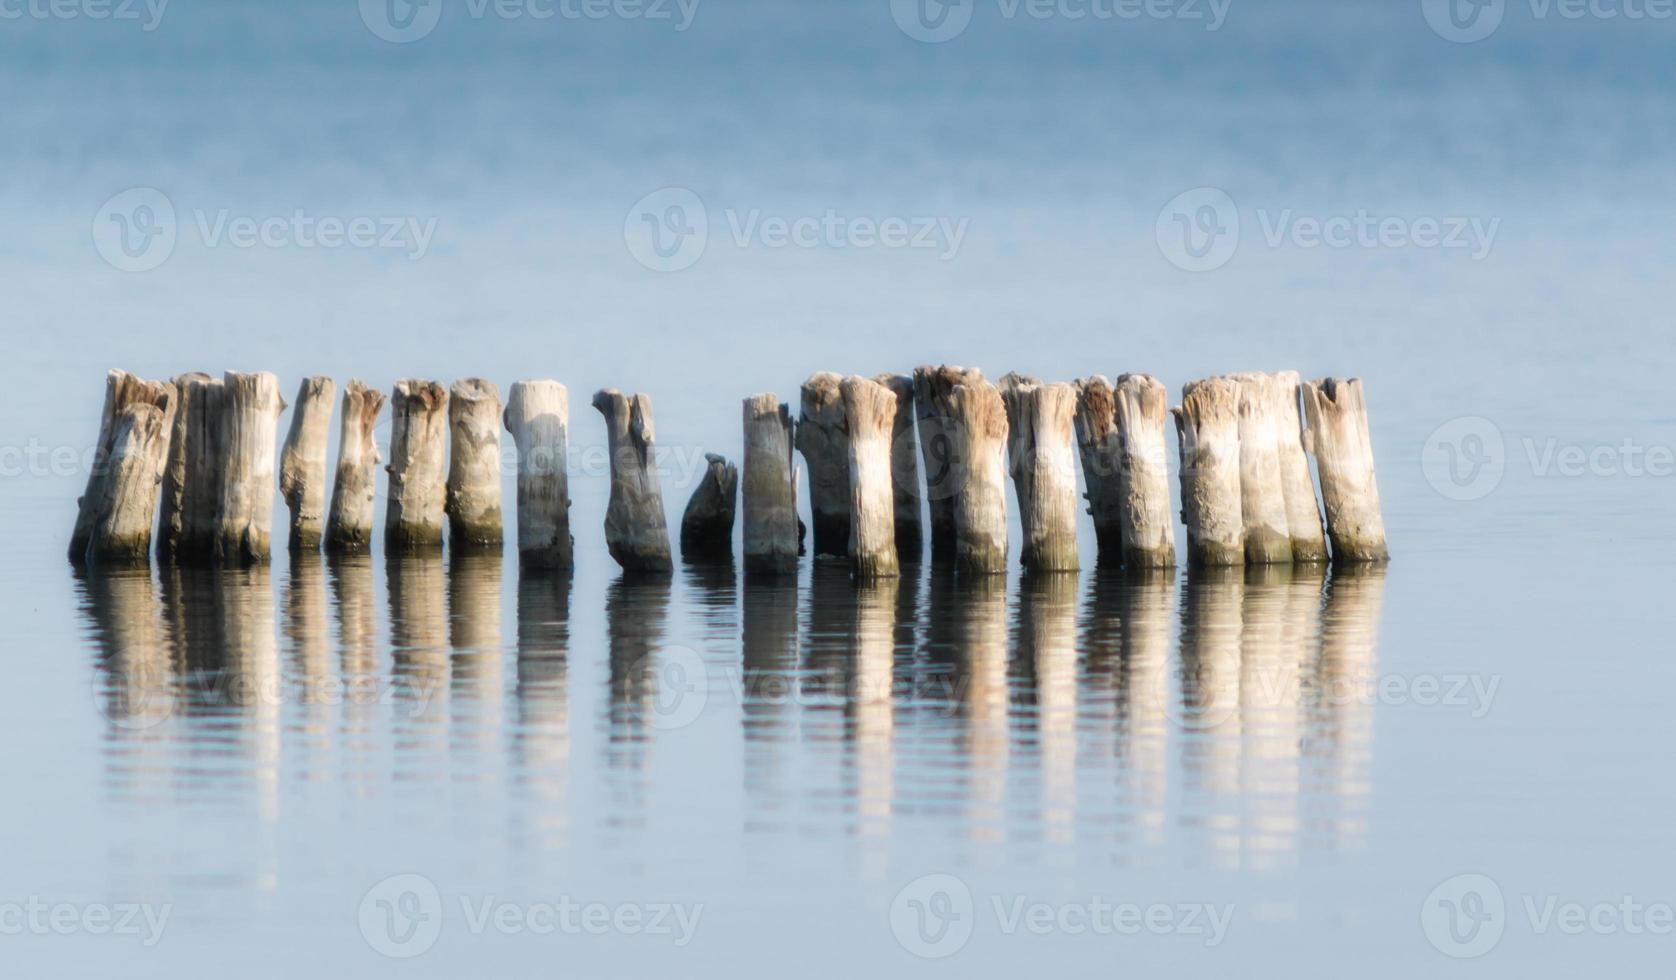 Holzpfosten in einer Reihe im Wasser foto